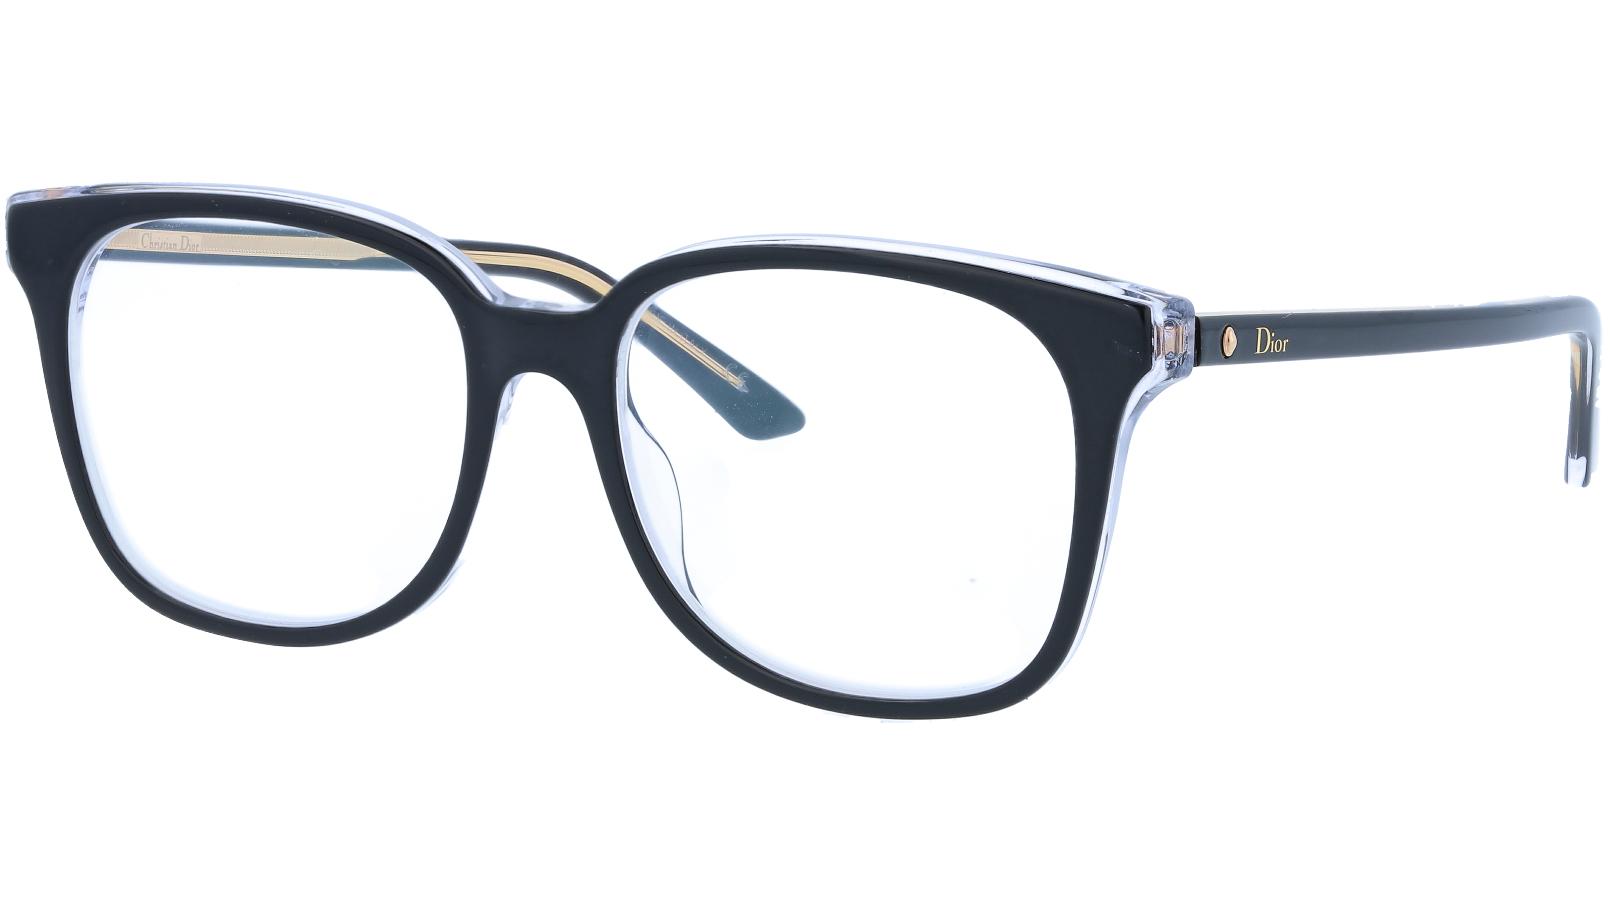 Dior MONTAIGNE26 TKX 53 Black Glasses